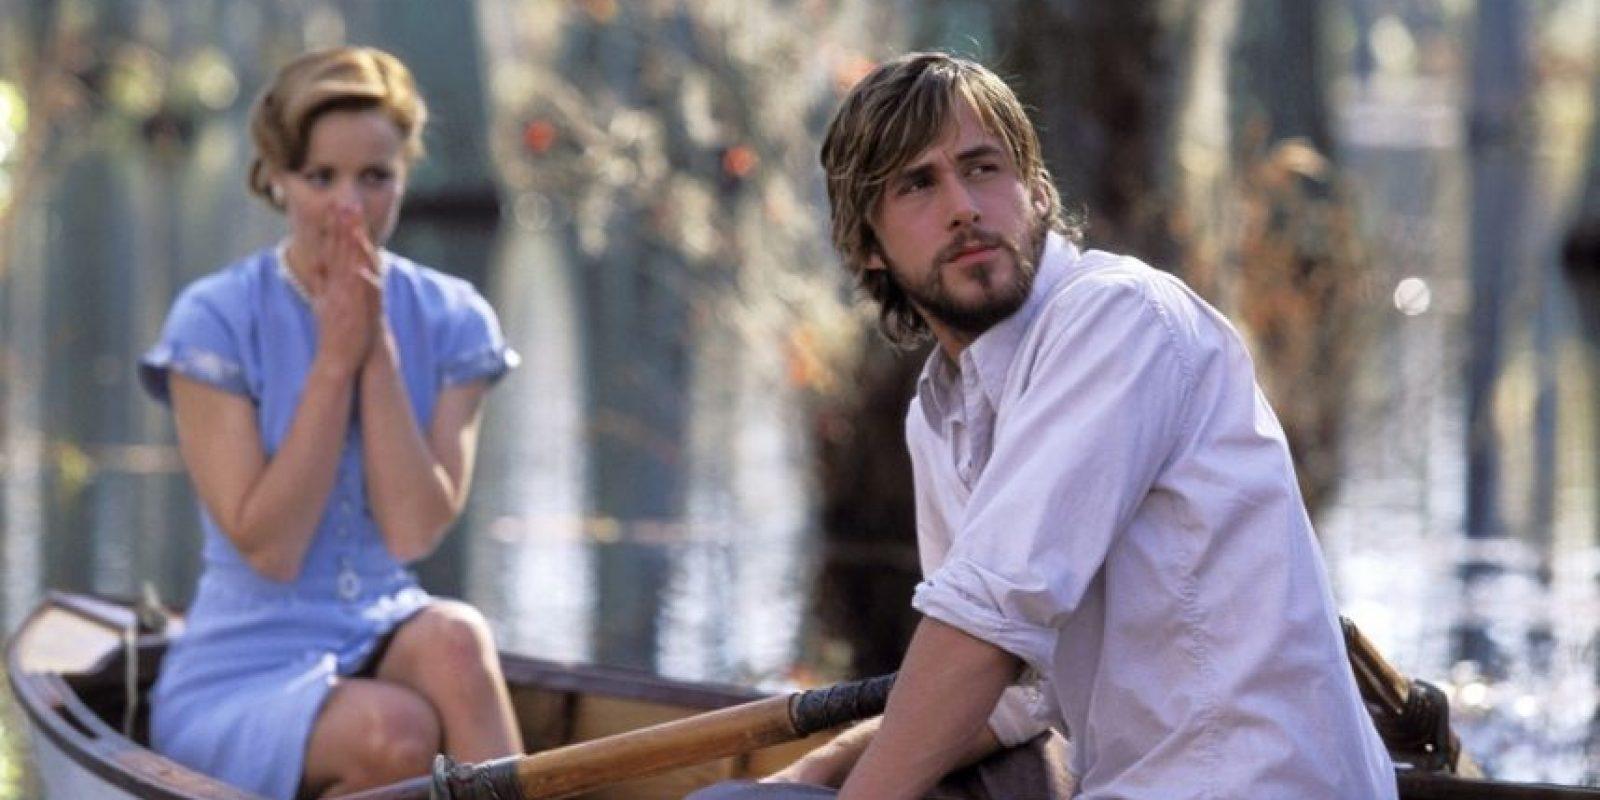 De hecho, Gosling es considerado como uno de los que exponen la tendencia Foto:Tumblr